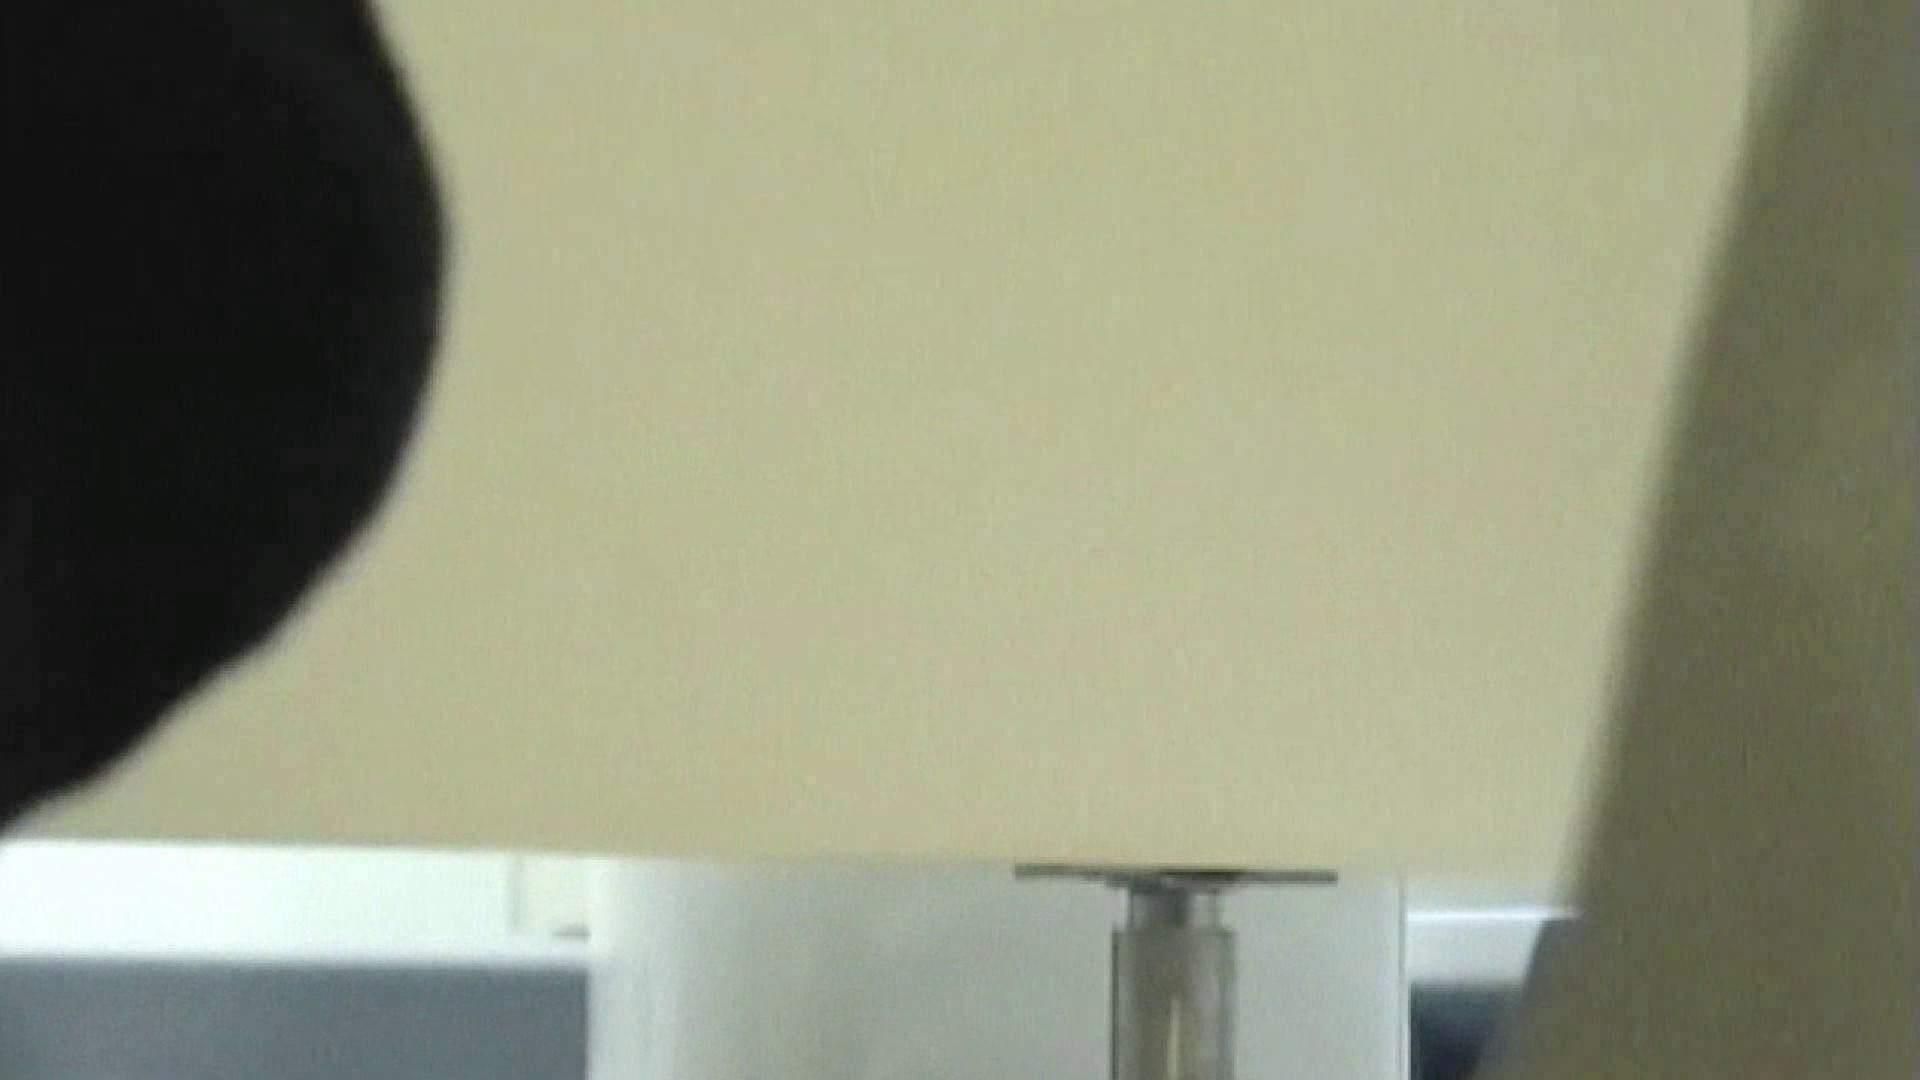 キレカワ女子大生の秘密の洗面所!Vol.029 潜入プロ映像   独身エッチOL  111pic 9